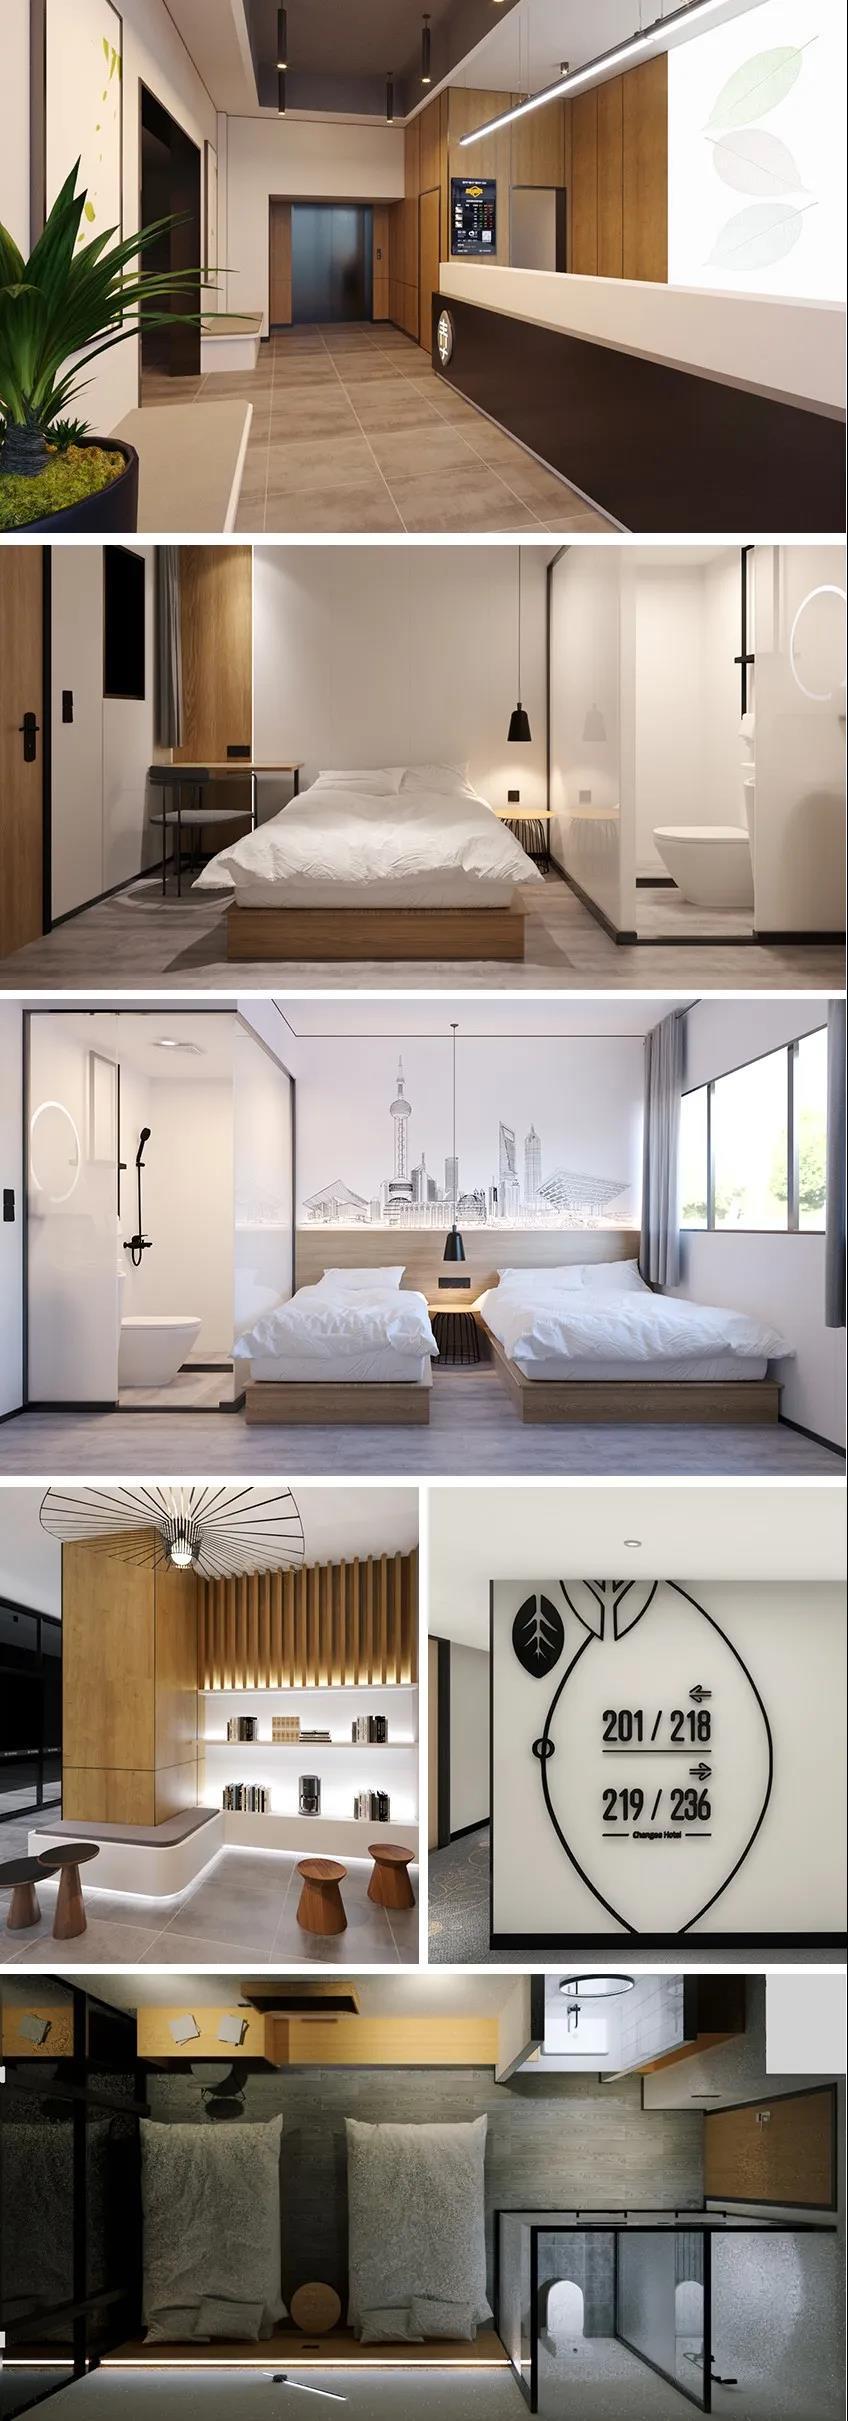 专注于90后的微精品连锁酒店设计:青季酒店MINI室内设计方案